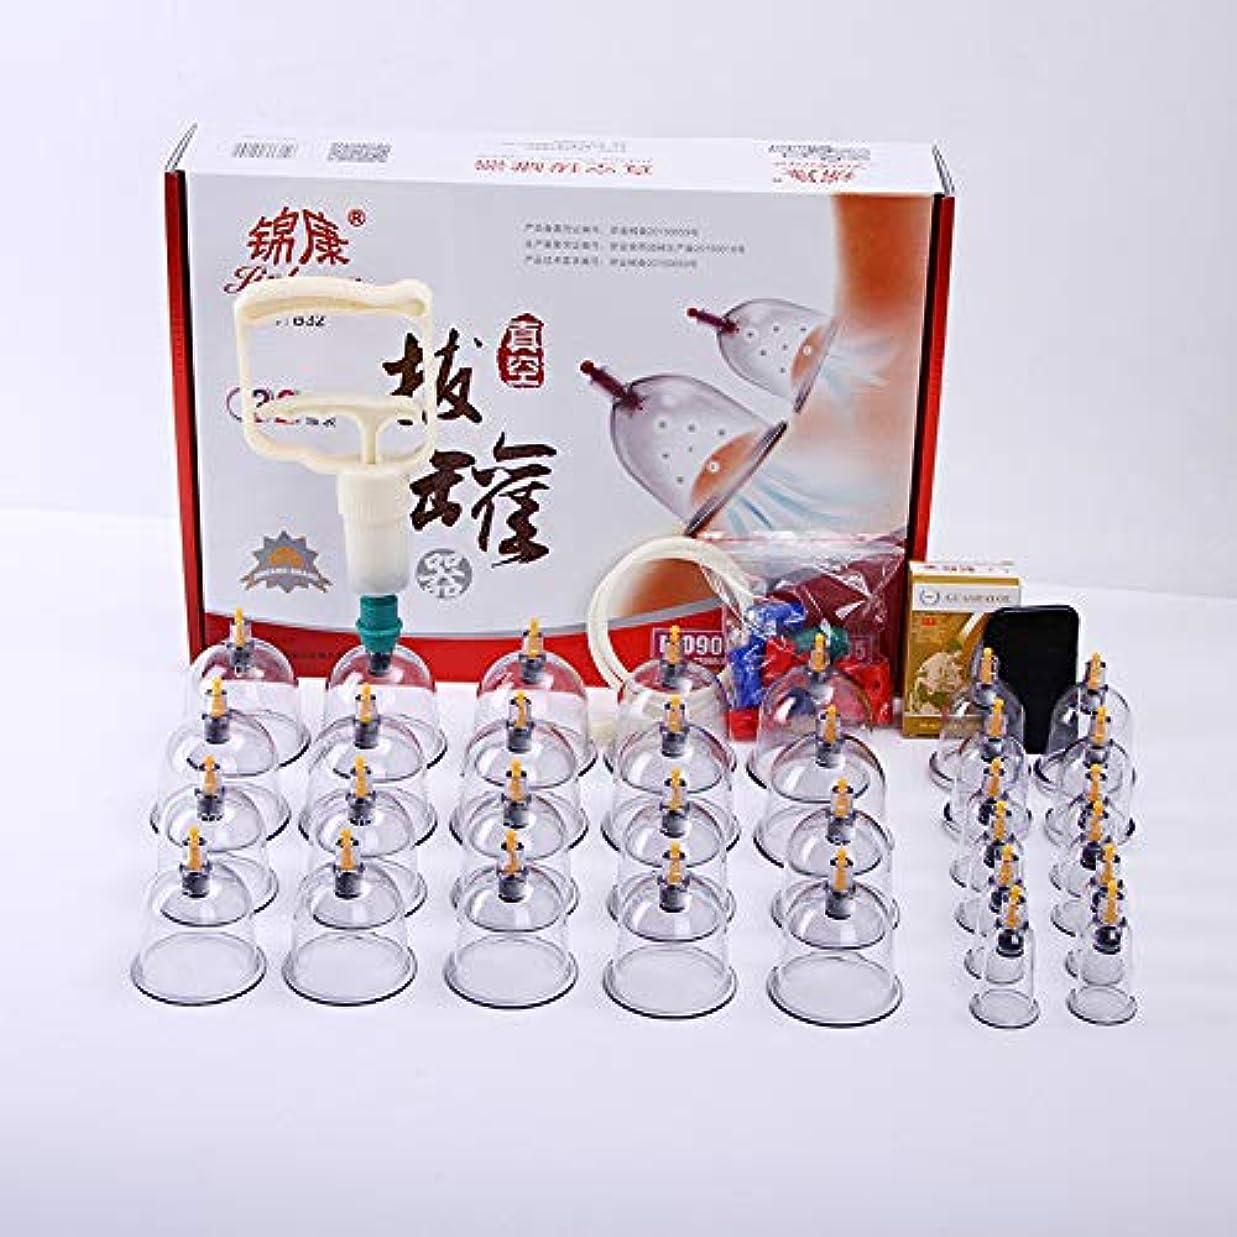 呼ぶのぞき穴許可ホーム中国製カッピング装置、背中/首の痛み/体重減少/リリーフ筋肉用の吸引ハンドル付き32個の真空吸引カップ